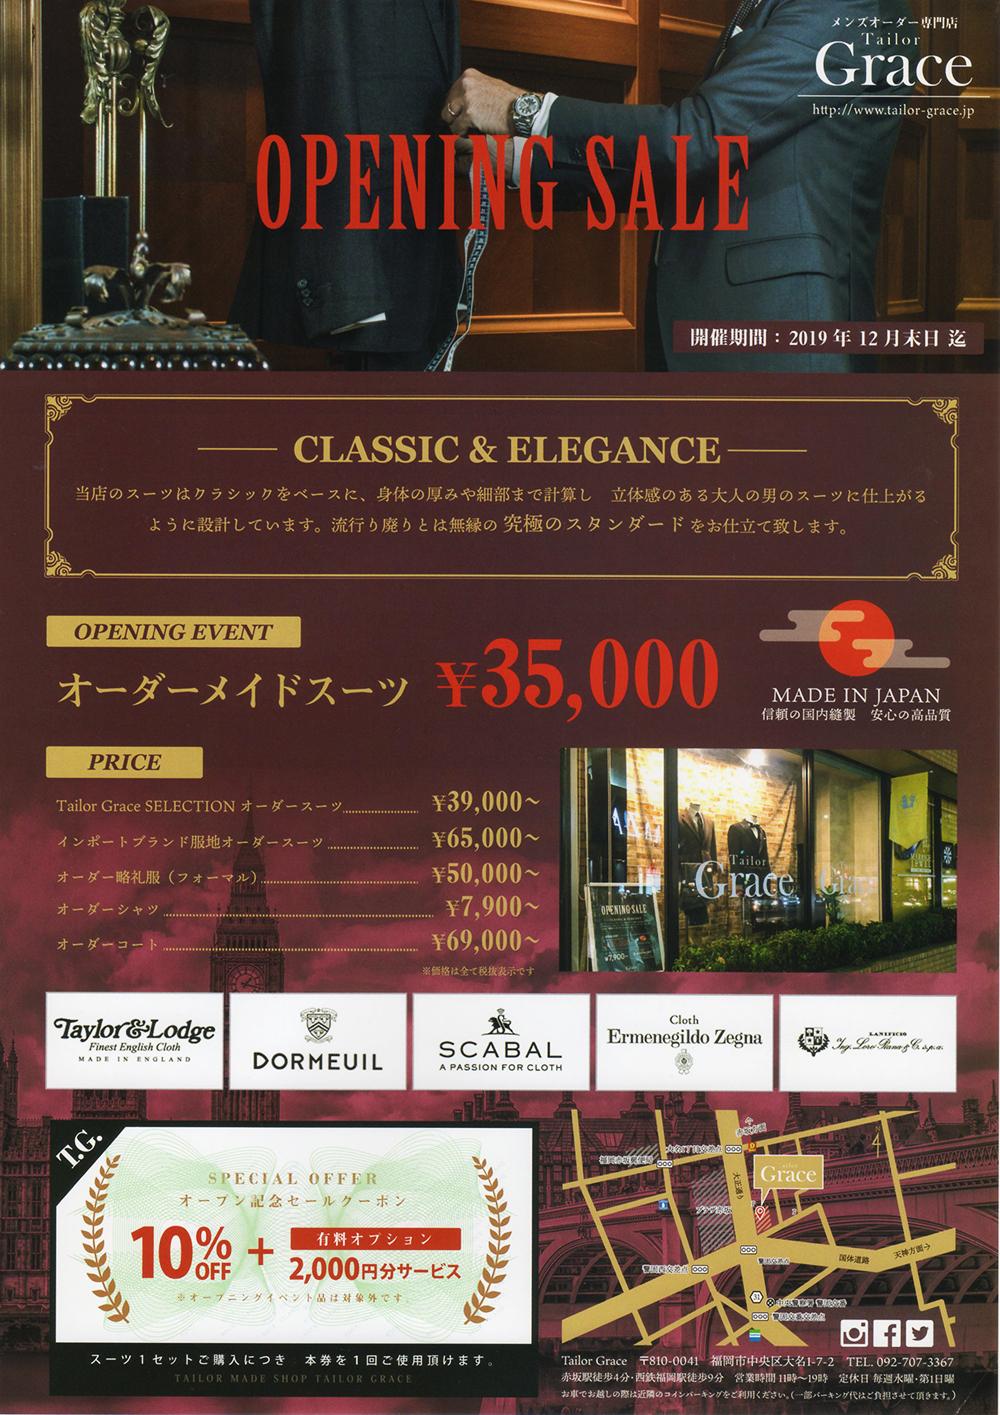 福岡のオーダースーツ専門店「Tailor Grace(テーラーグレイス)」